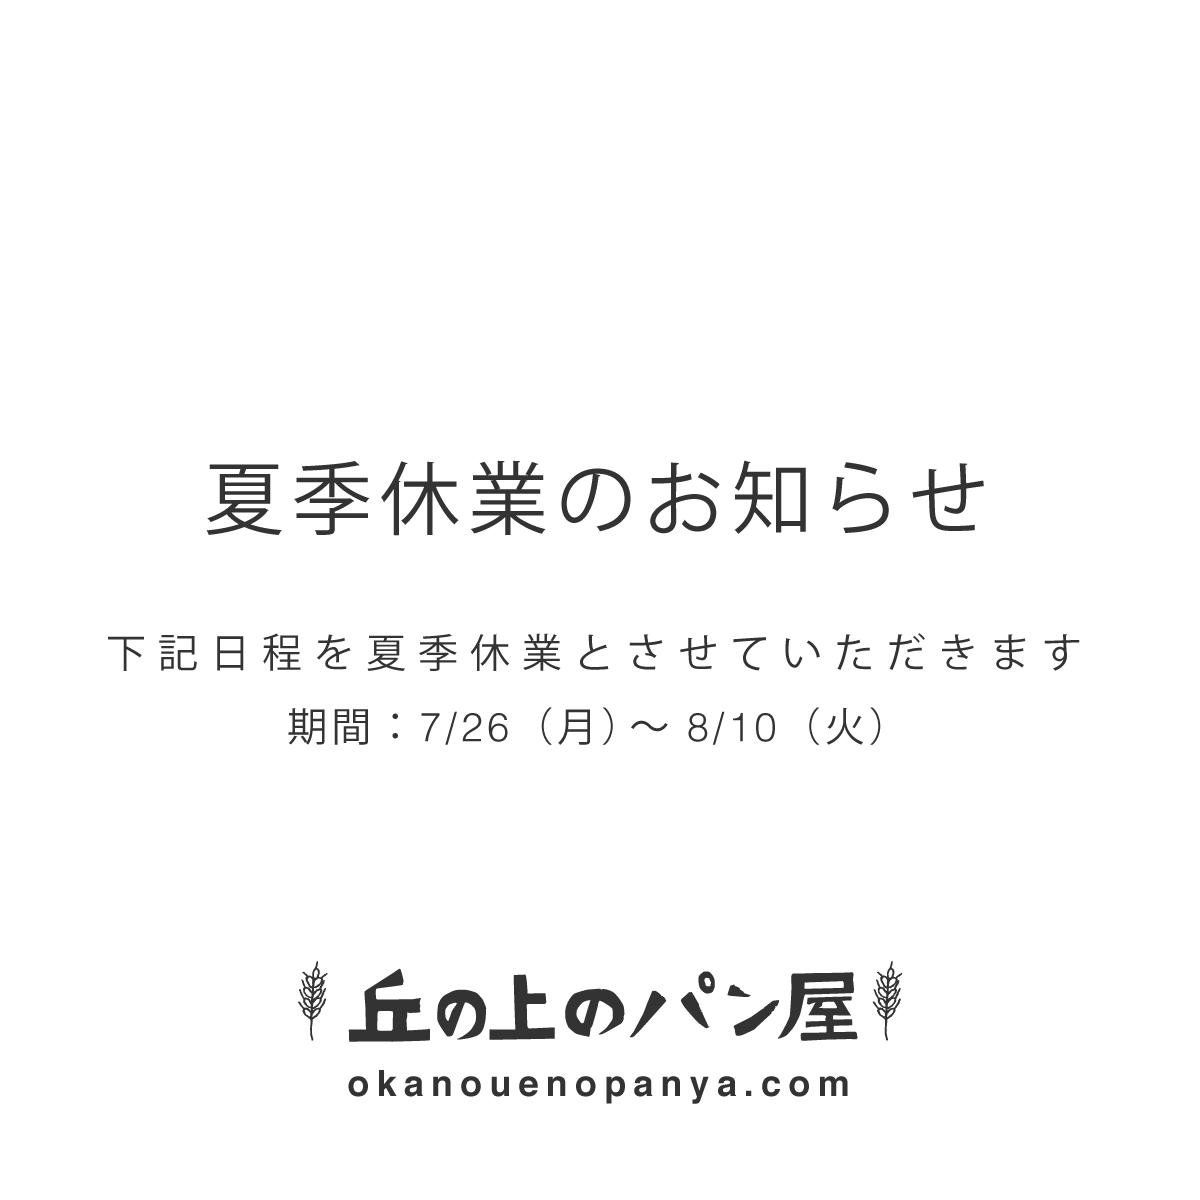 2021年夏季休業のお知らせ 7/26(月)〜8/10(火)